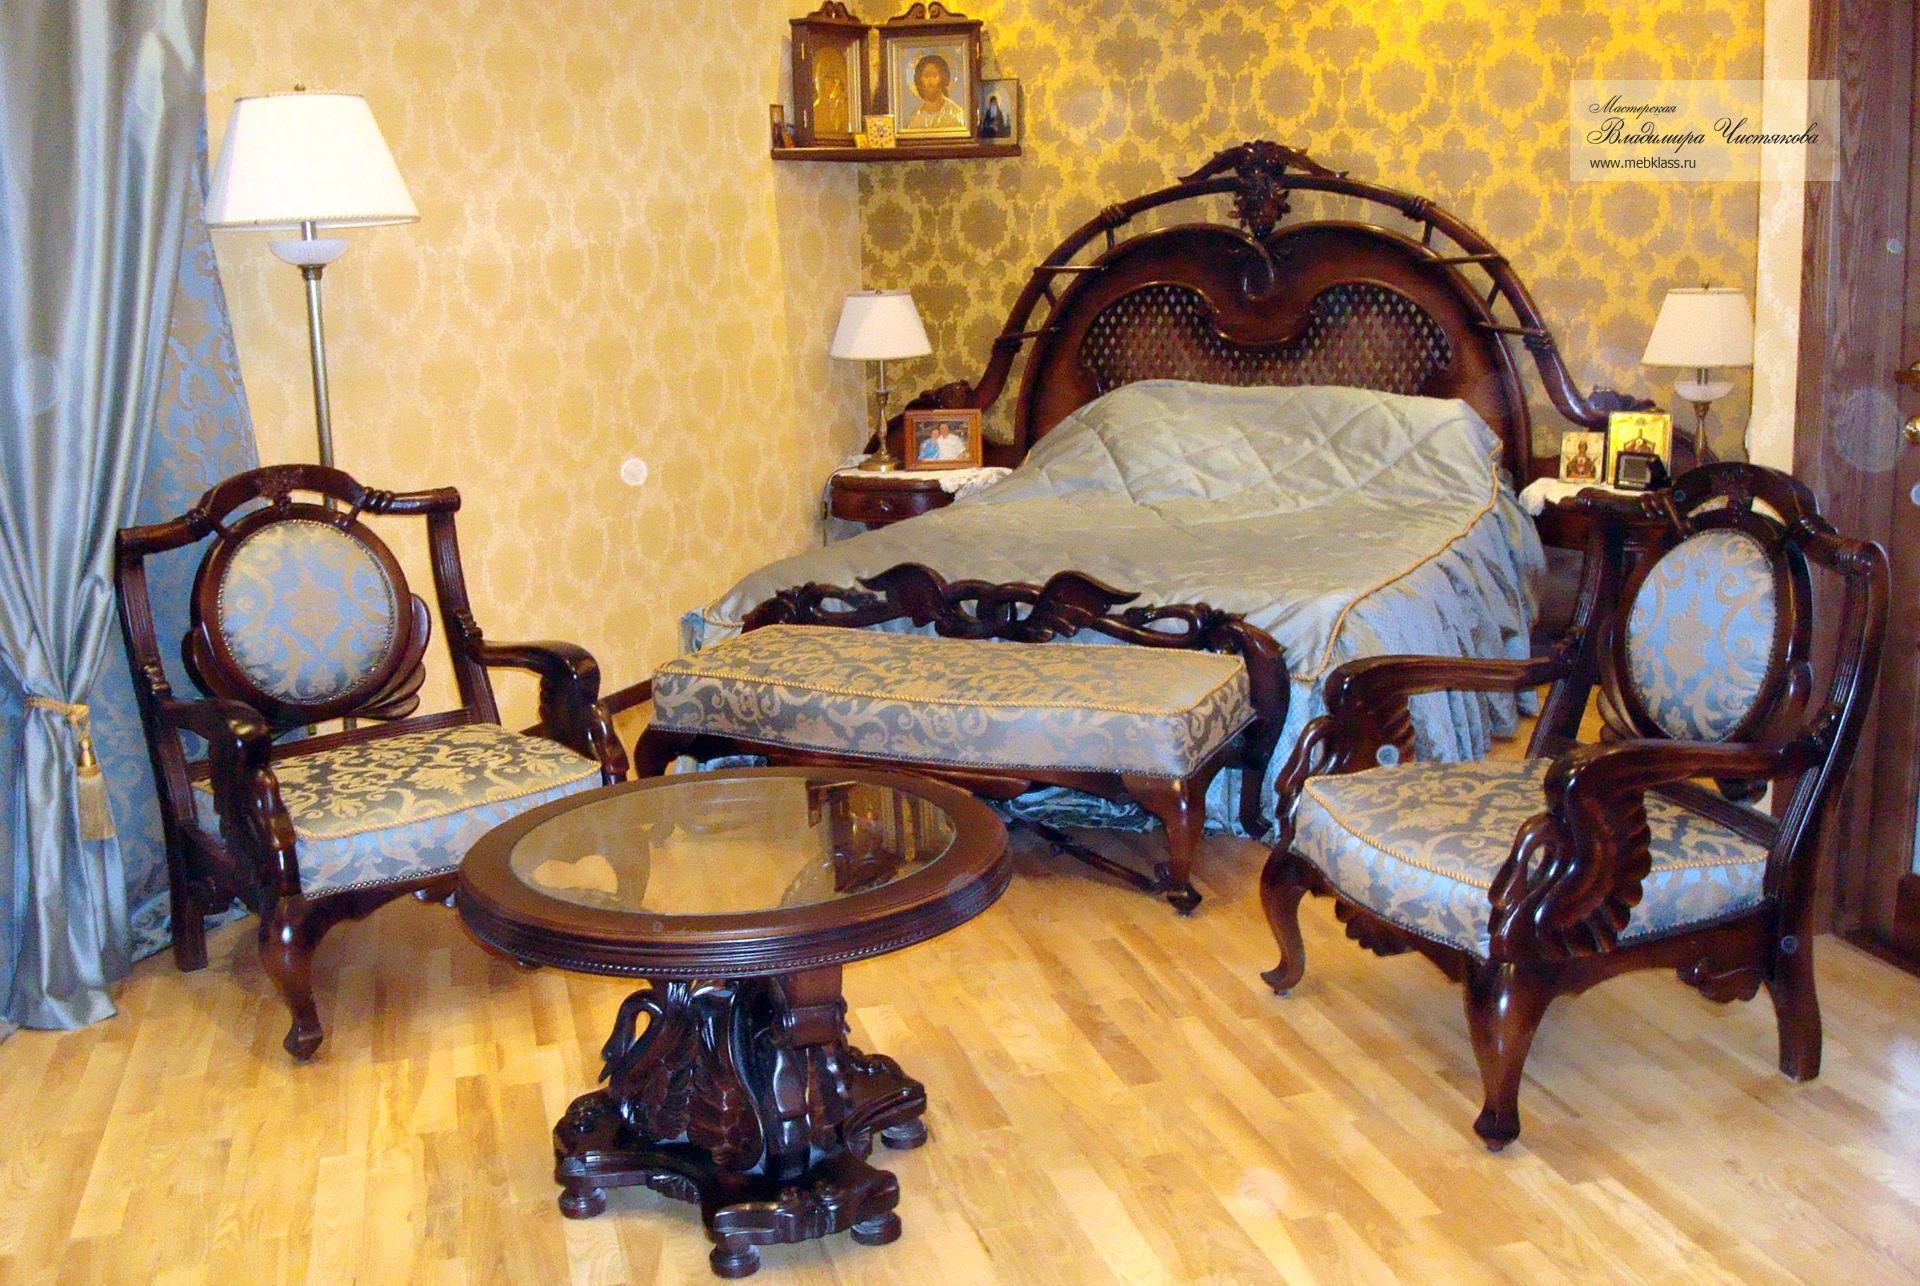 Резная кровать с креслами и журнальным столиком